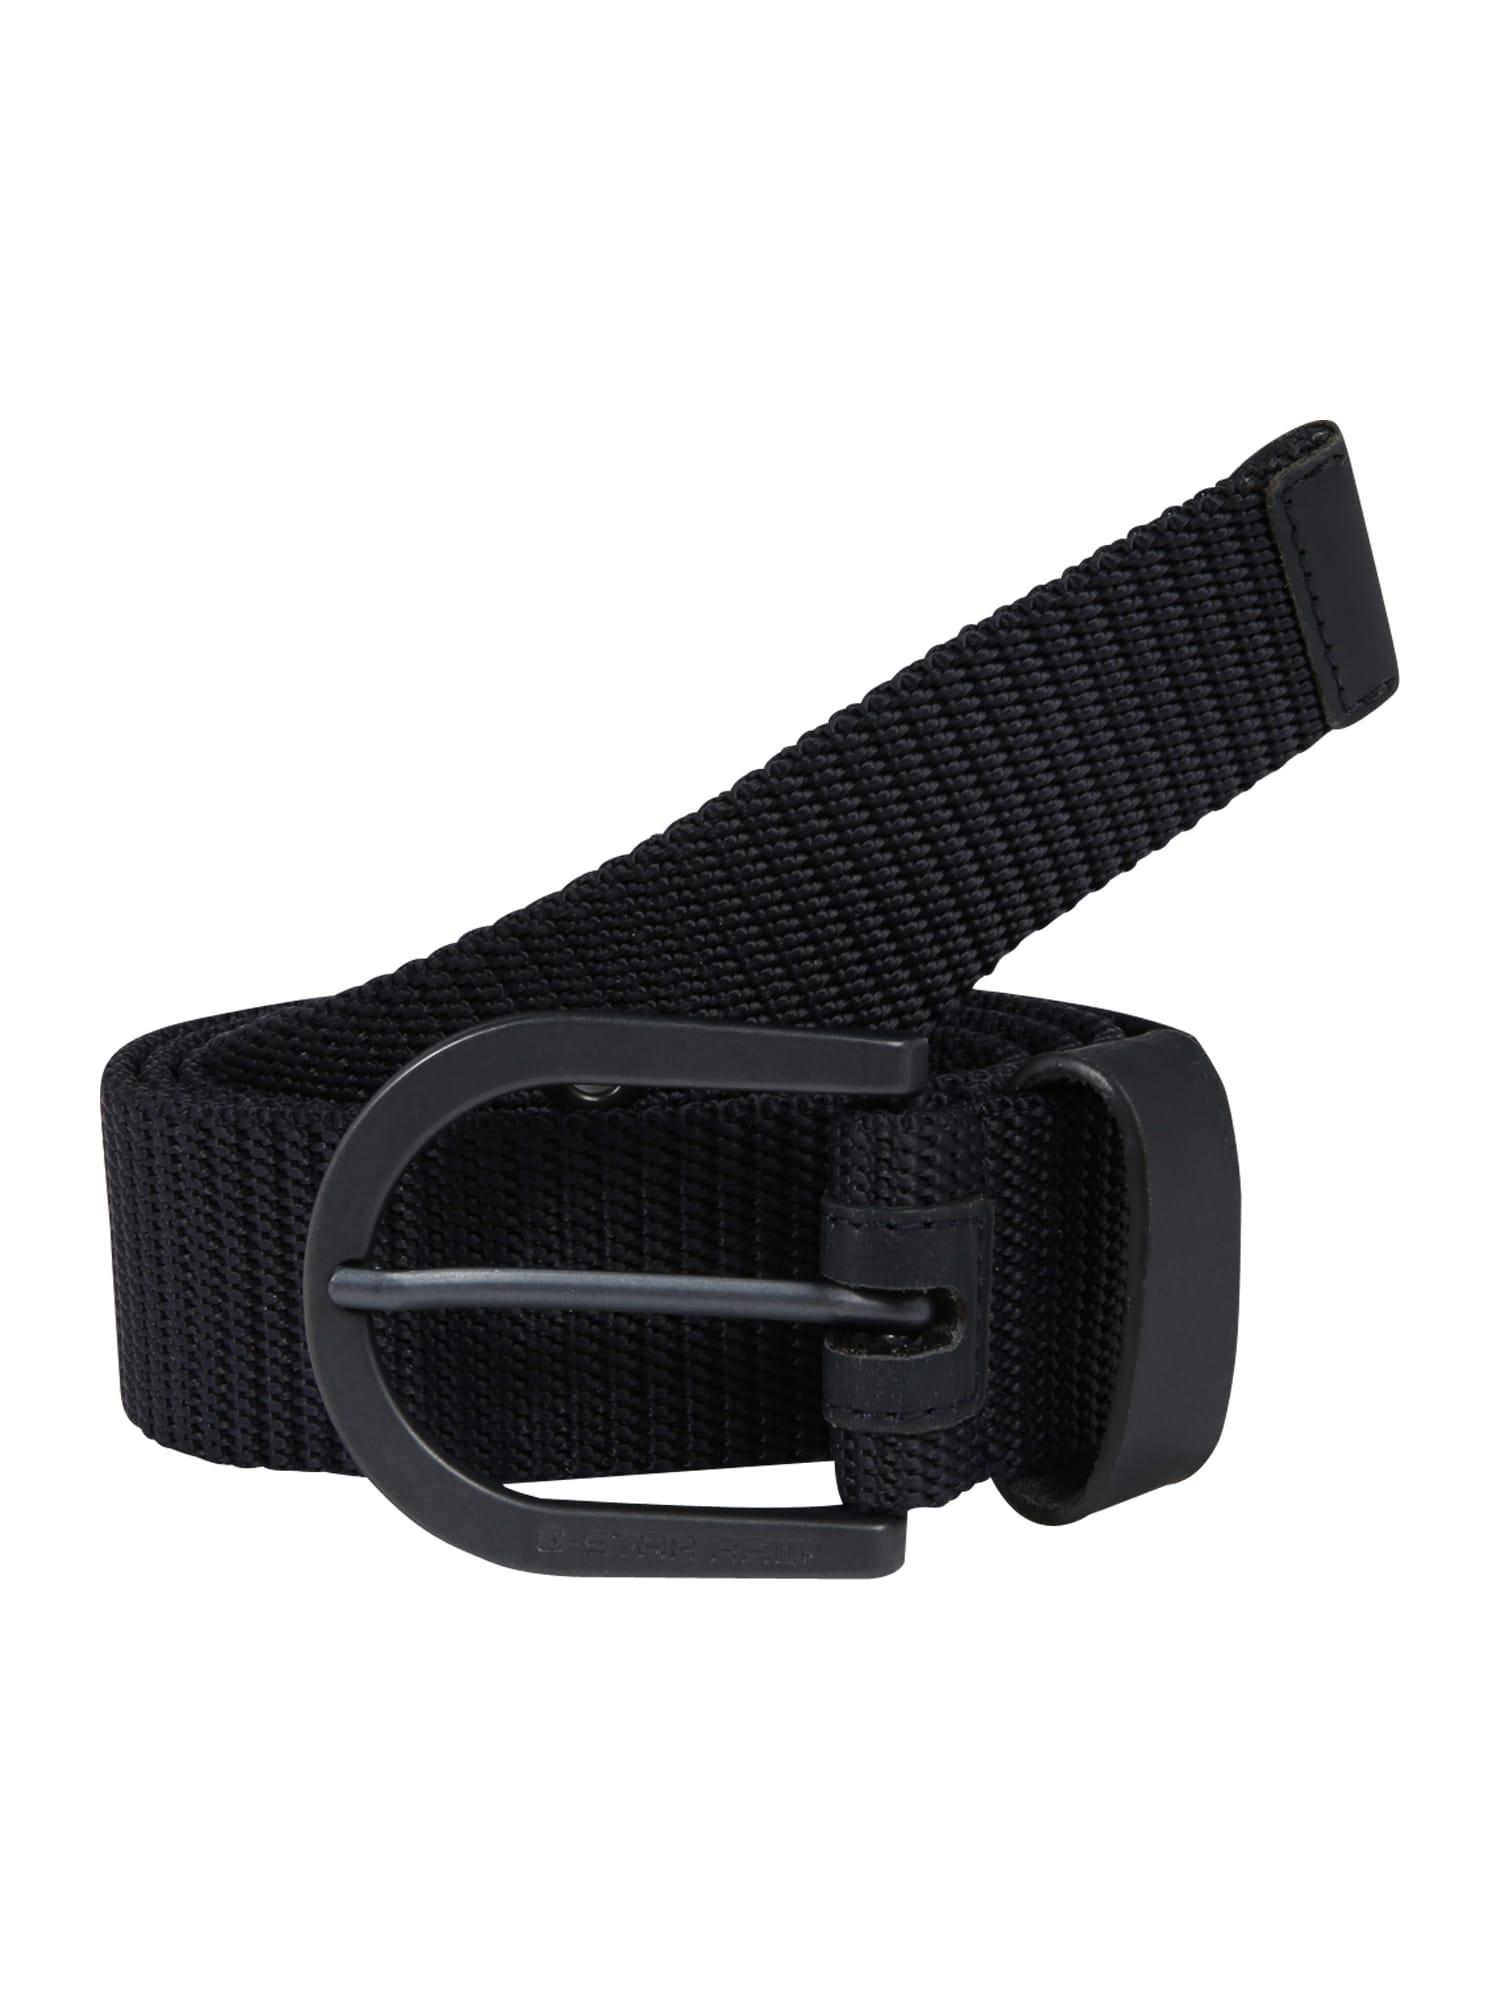 Opasek Stalt webbing belt modrá G-STAR RAW